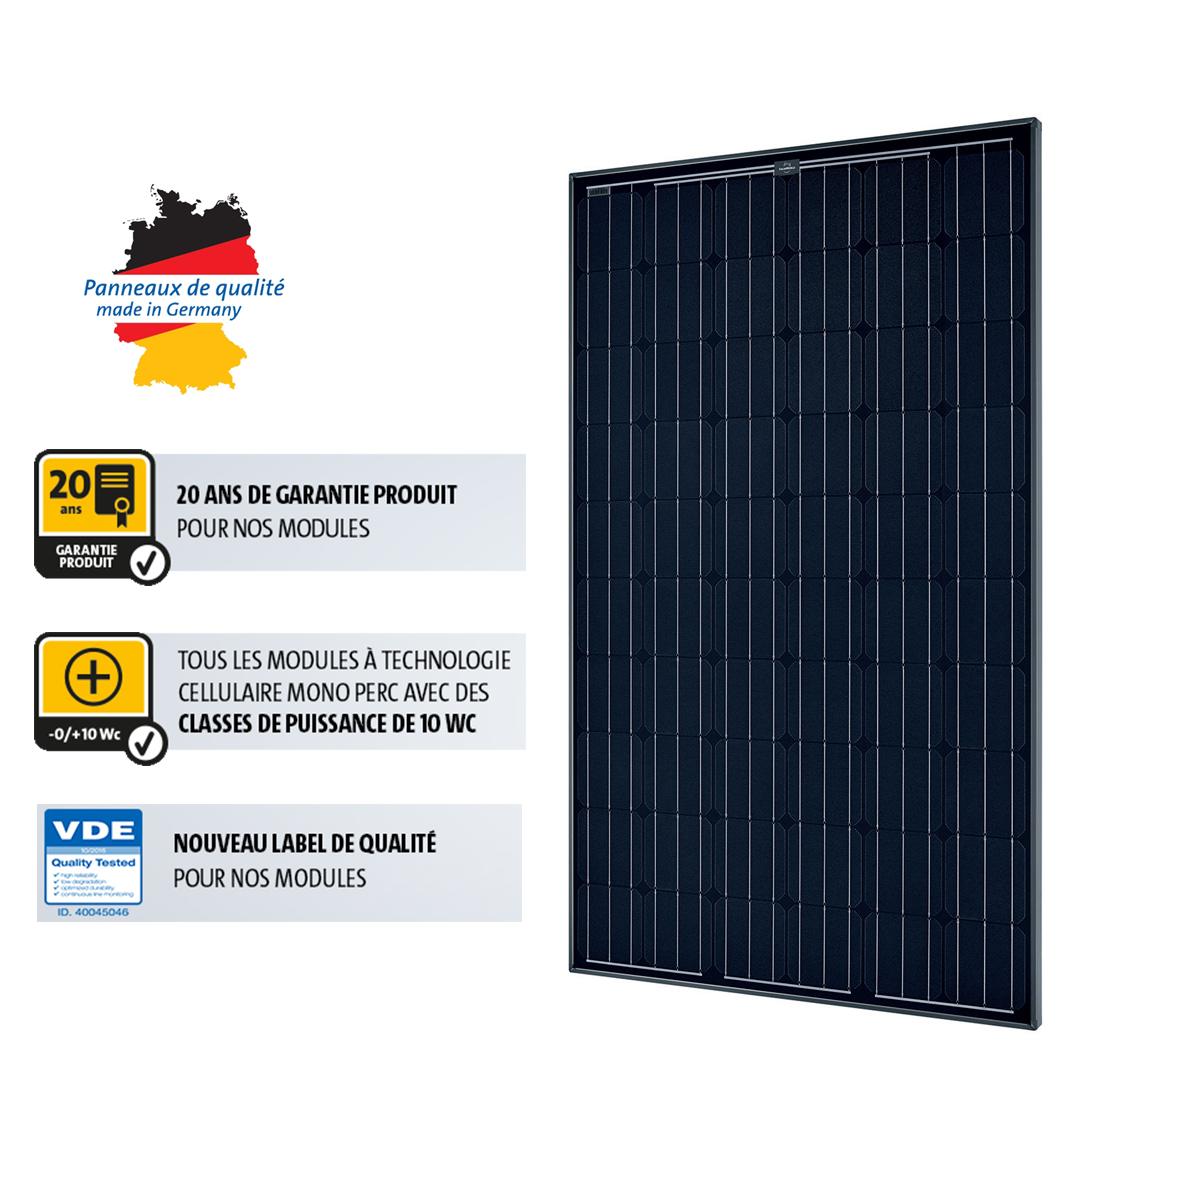 panneau solaire qualite